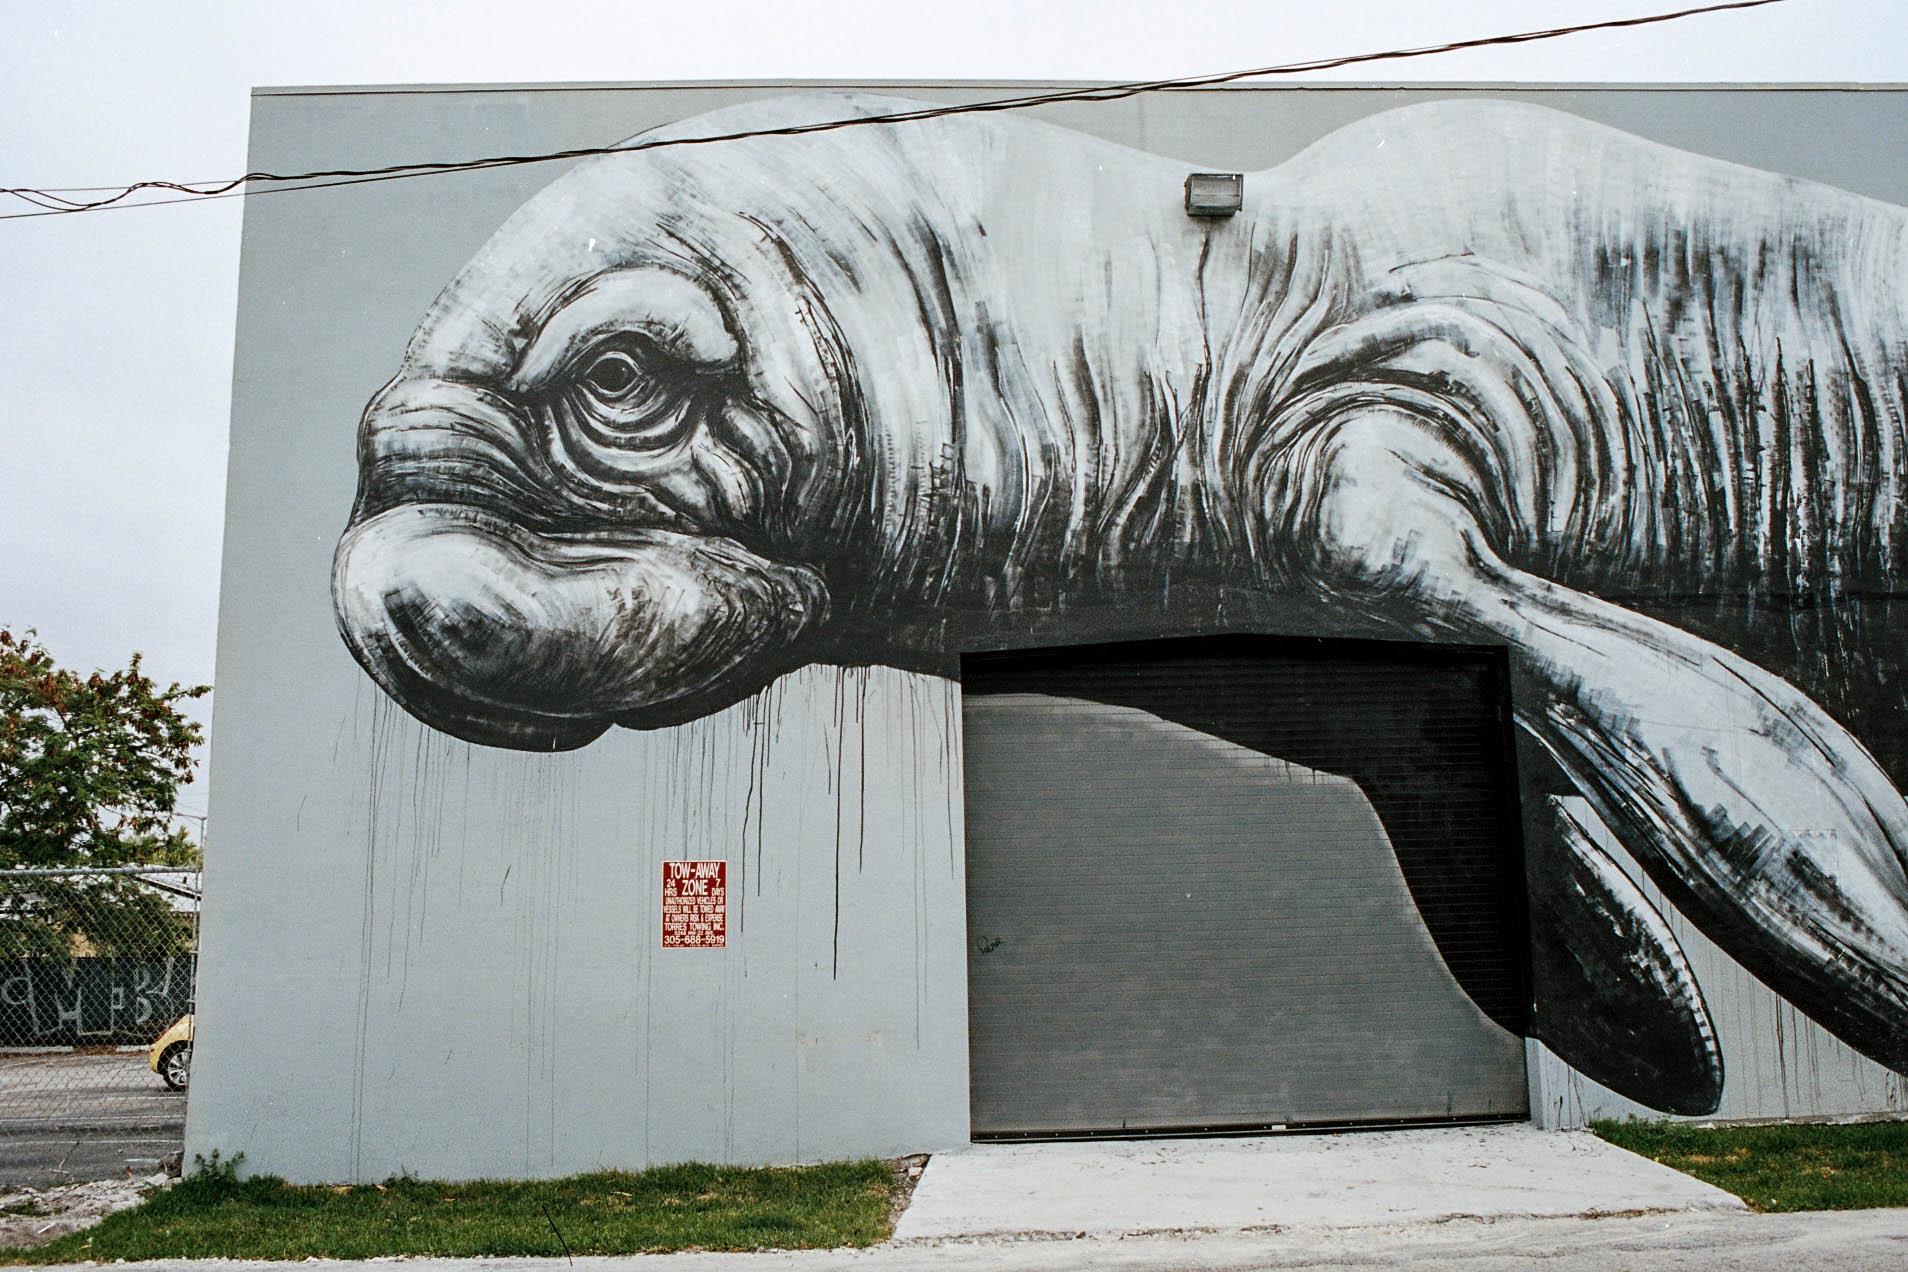 miami_graffiti